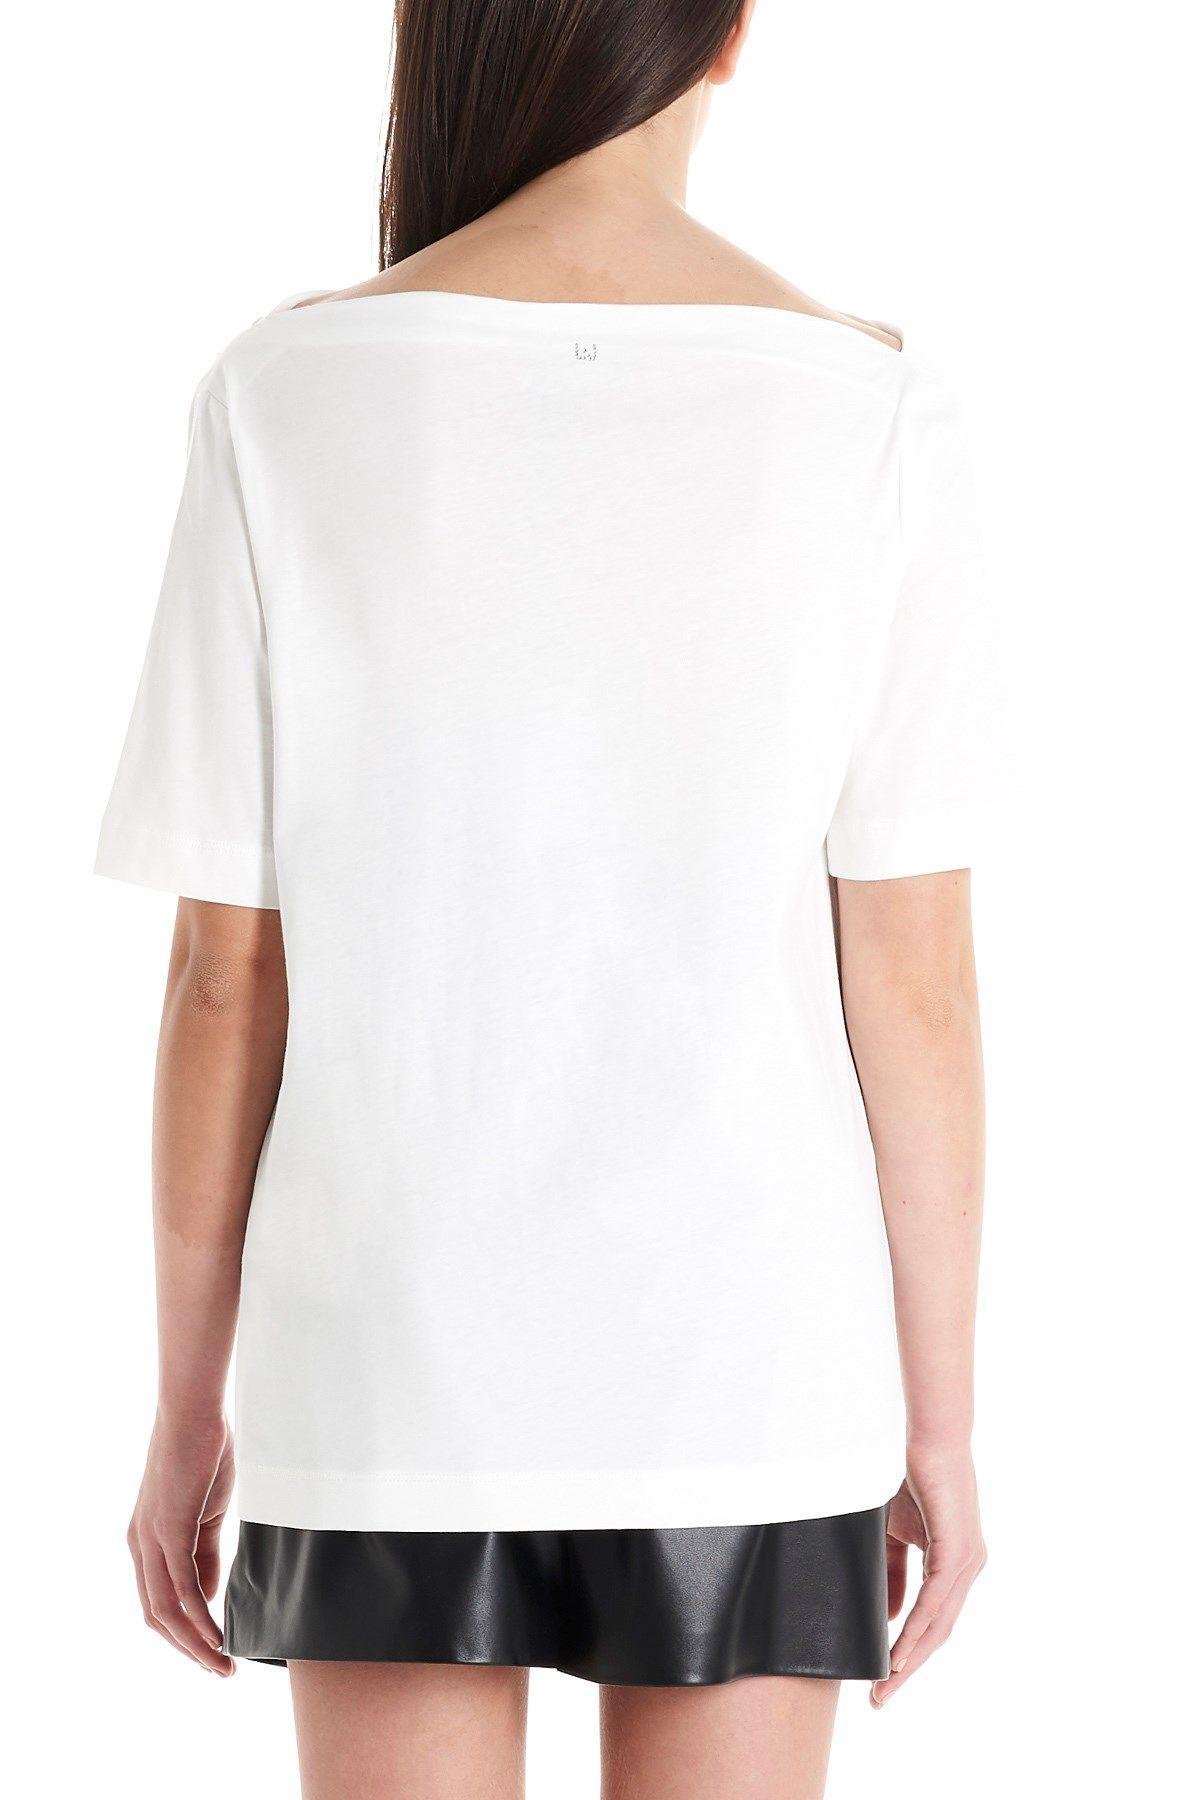 LIU JO WOMEN'S CA0175J5884X0256 WHITE COTTON T-SHIRT